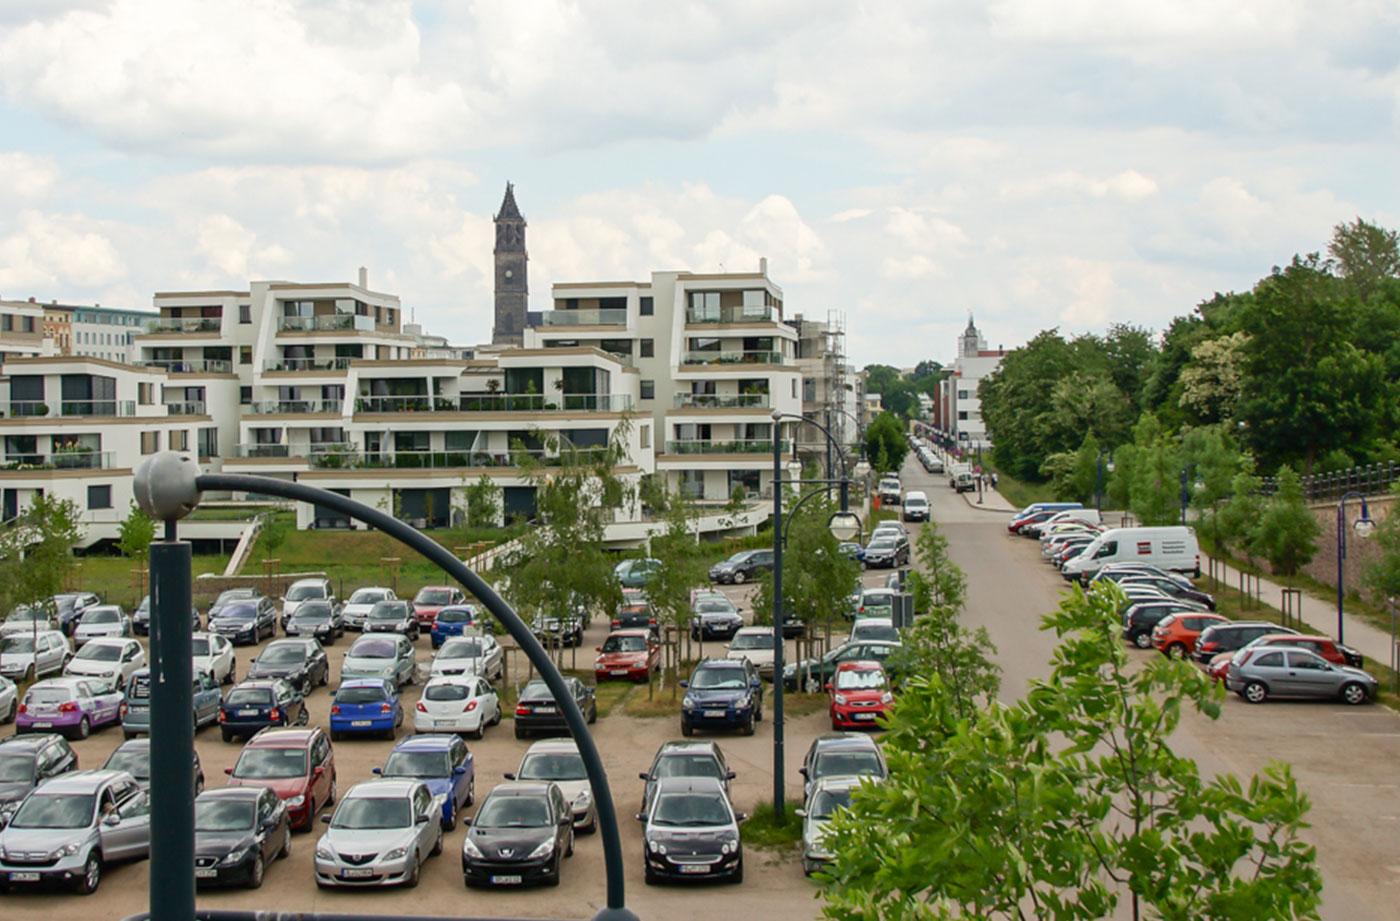 Elbbahnhof